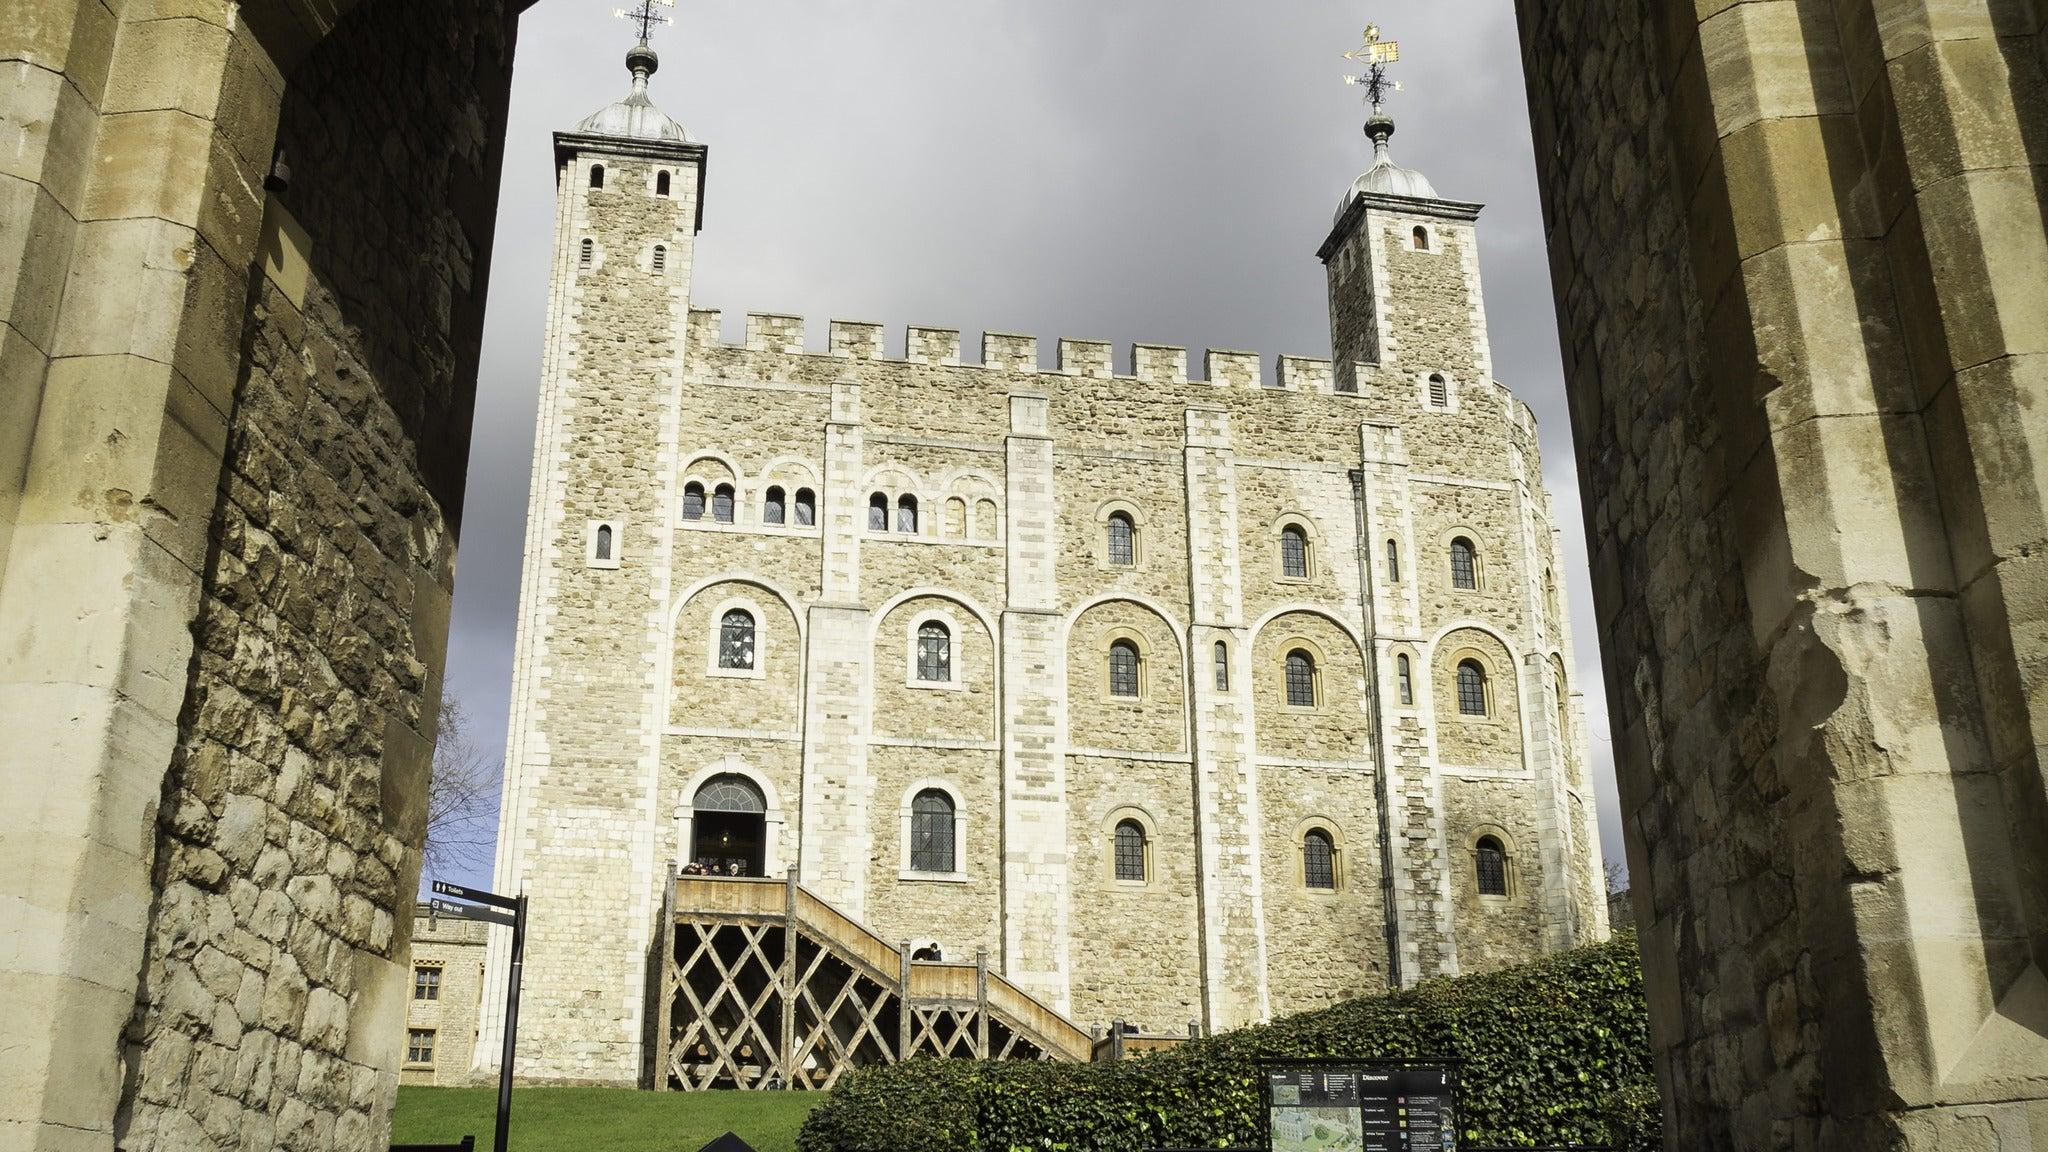 Historic Royal Palaces - Tower of London